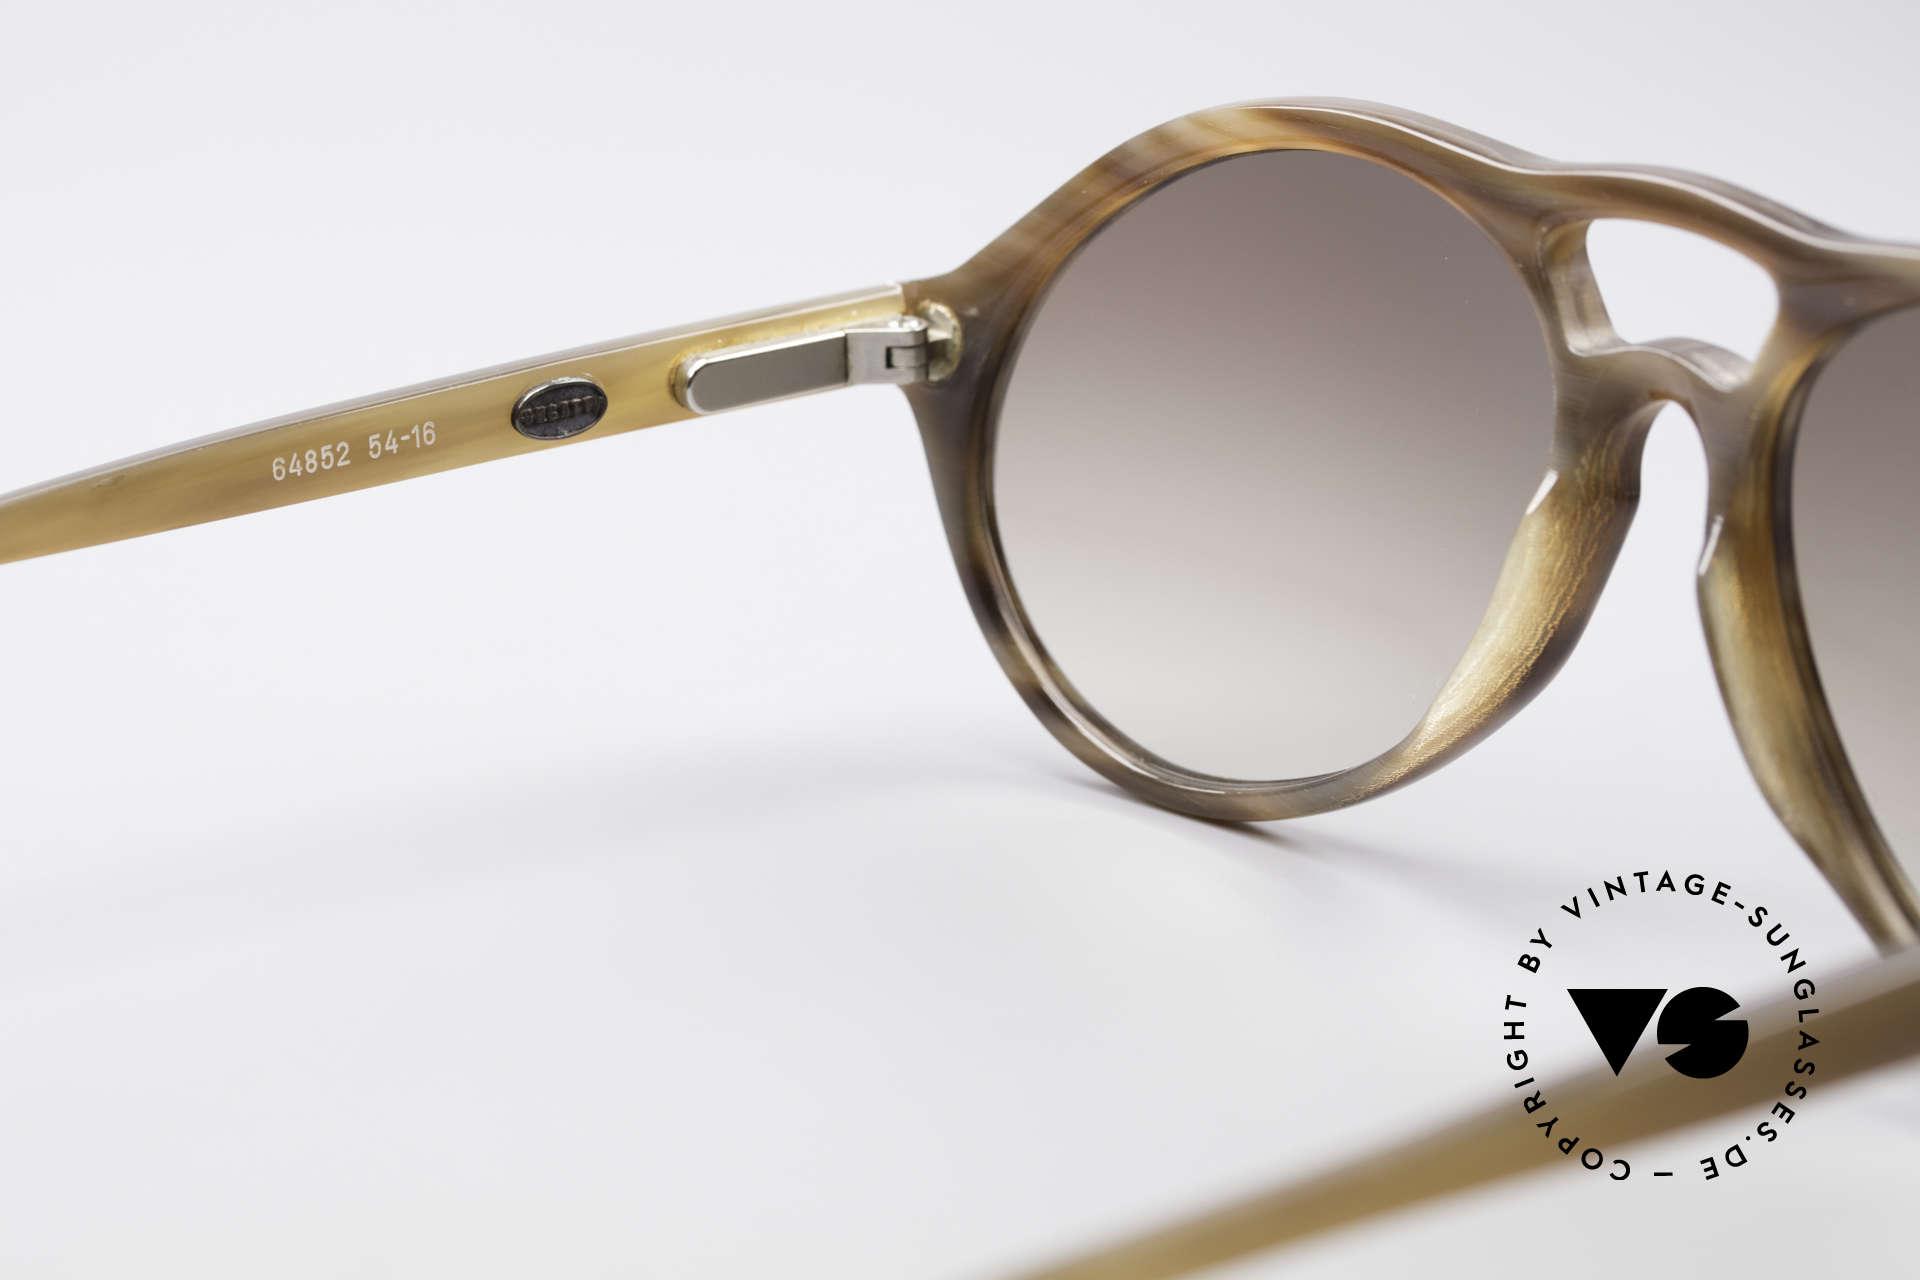 Bugatti 64852 Echt Büffelhorn Brille Vintage, ein ungetragenes Original der späten 70er / frühen 80er, Passend für Herren